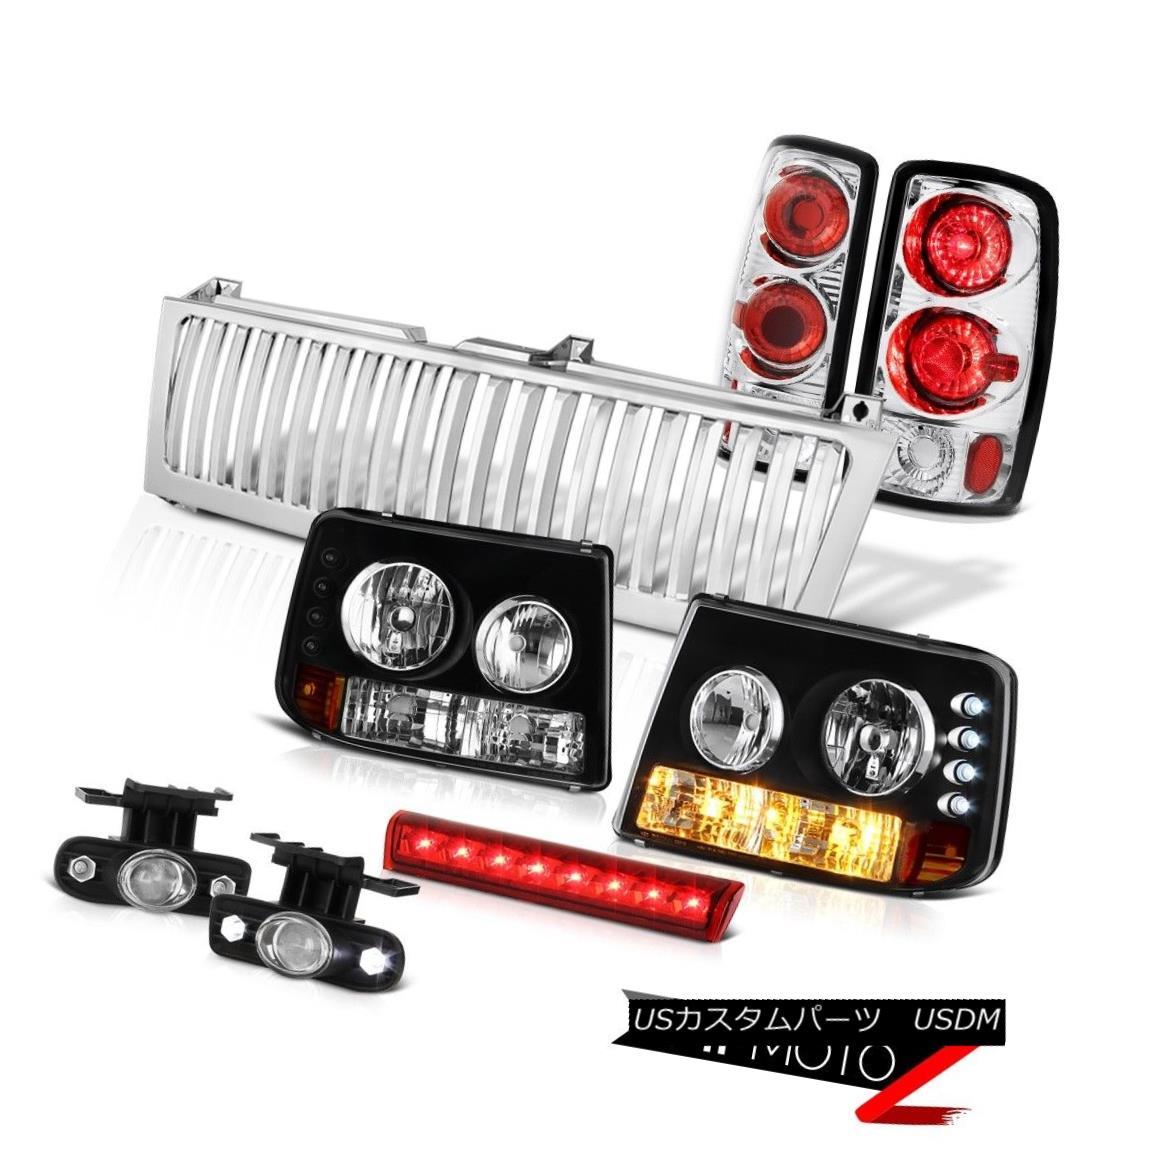 テールライト 2000-06 Chevy Tahoe Headlights Rear Tail Lamps Euro Fog High Stop LED Red Grille 2000-06シボレータホヘッドライトリアテールランプユーロフォグハイストップLEDレッドグリル